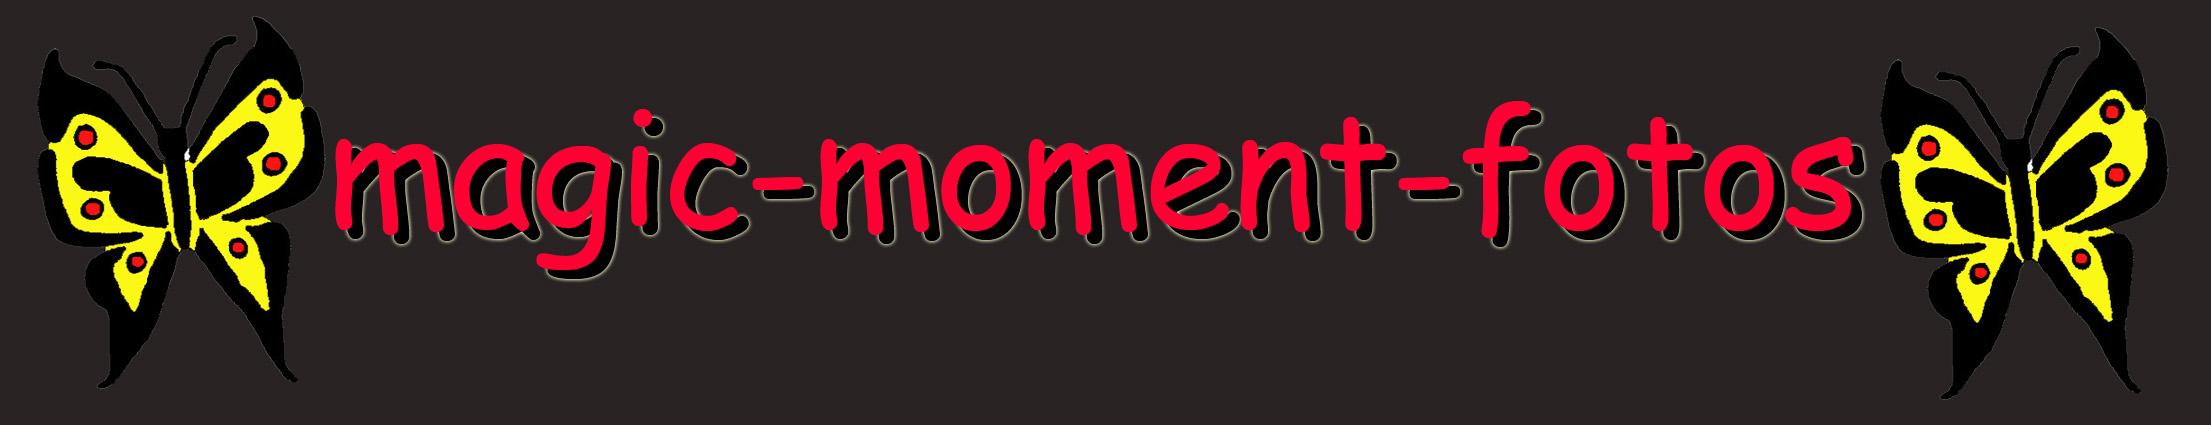 magic moment fotos Logo